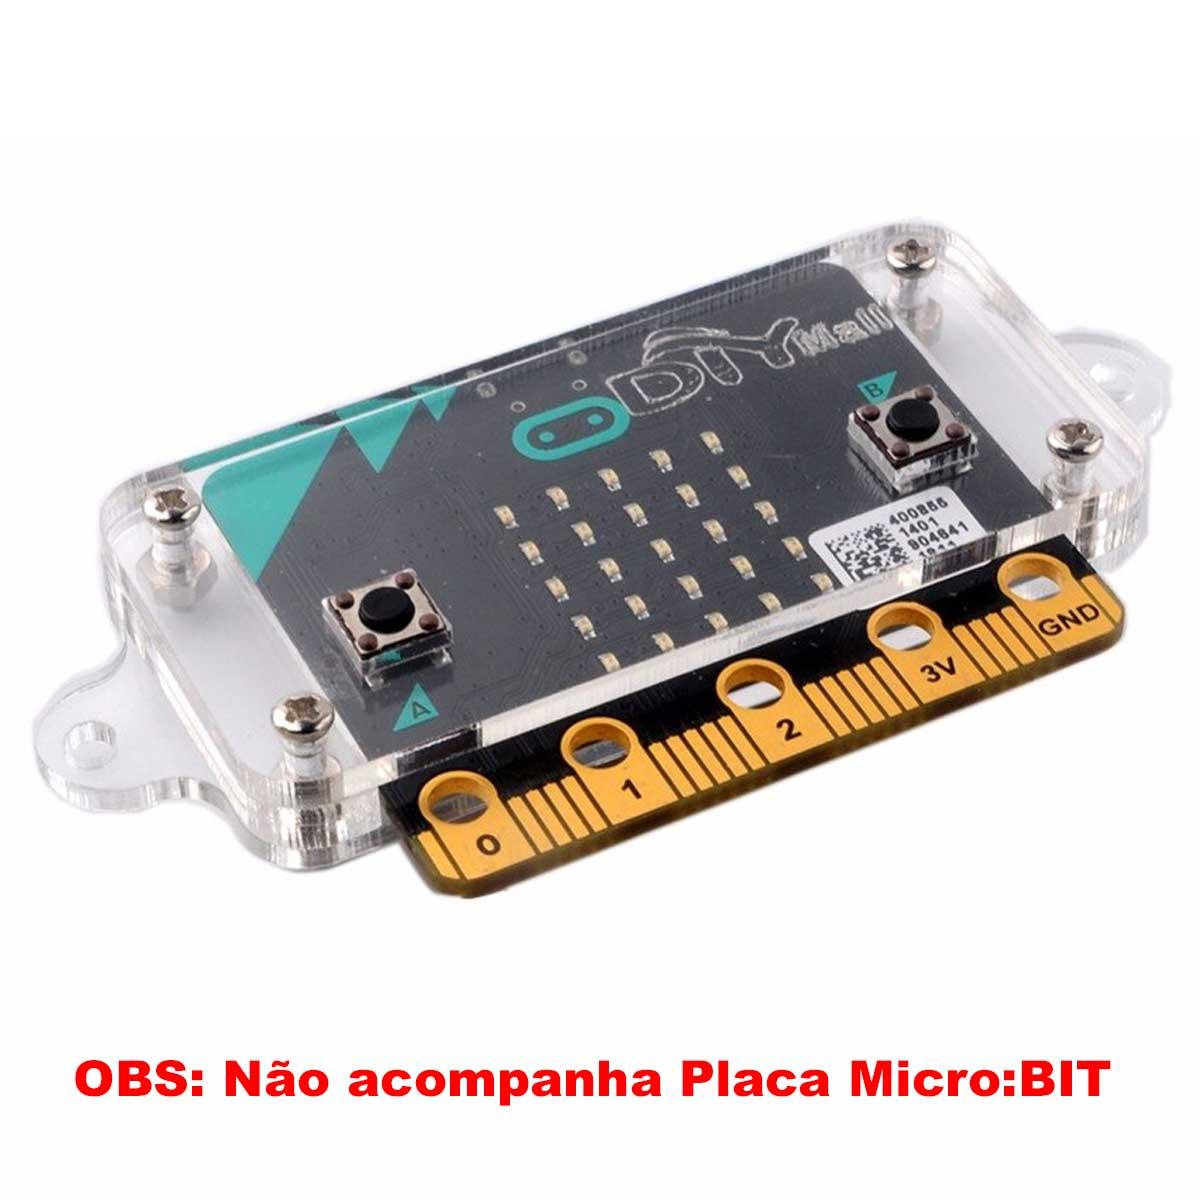 Case de Acrílico Transparente para Placa BBC Micro:bit